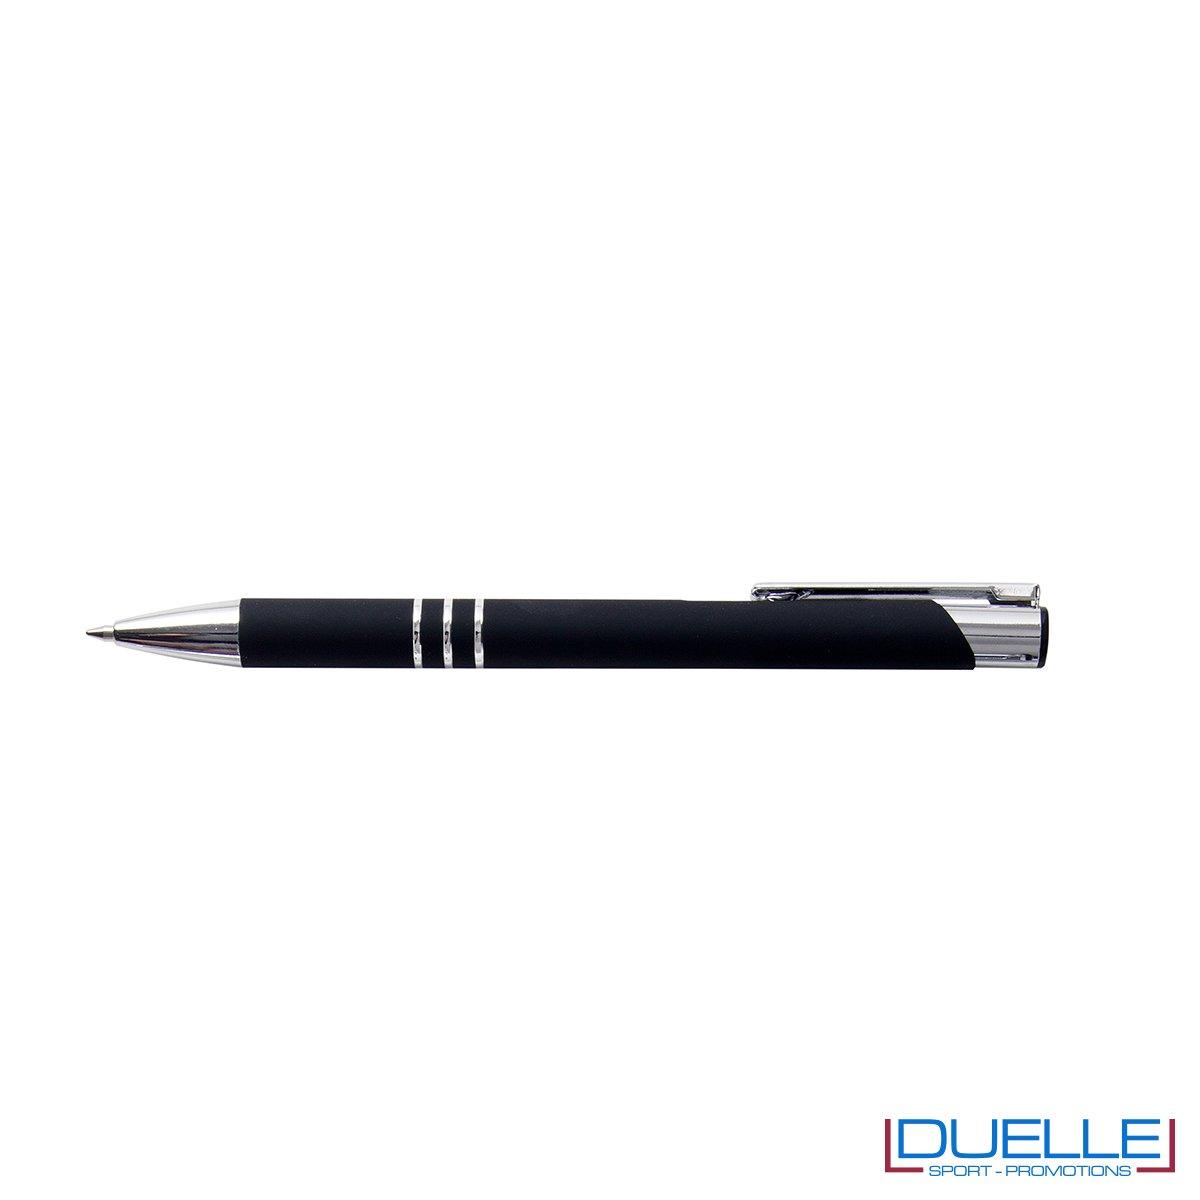 penna personalizzabile in metallo con finitura soft touch nera, penne personalizzate promozionali soft touch nero